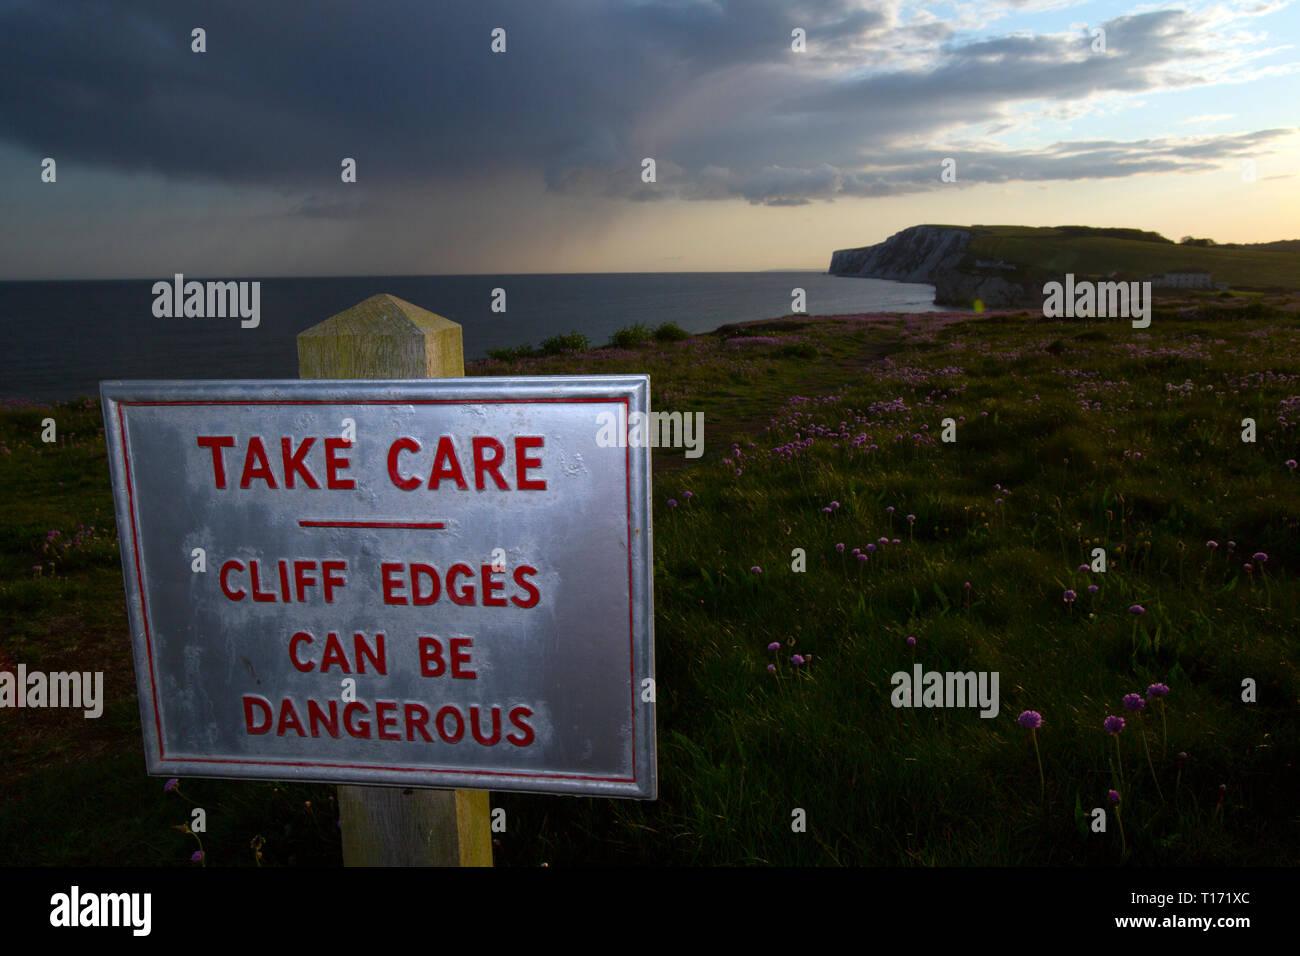 Prendere,care,pericoloso,cliff,bordi,,può essere,segno,acqua dolce,Bay,Isle of Wight,l'Inghilterra,UK, Immagini Stock